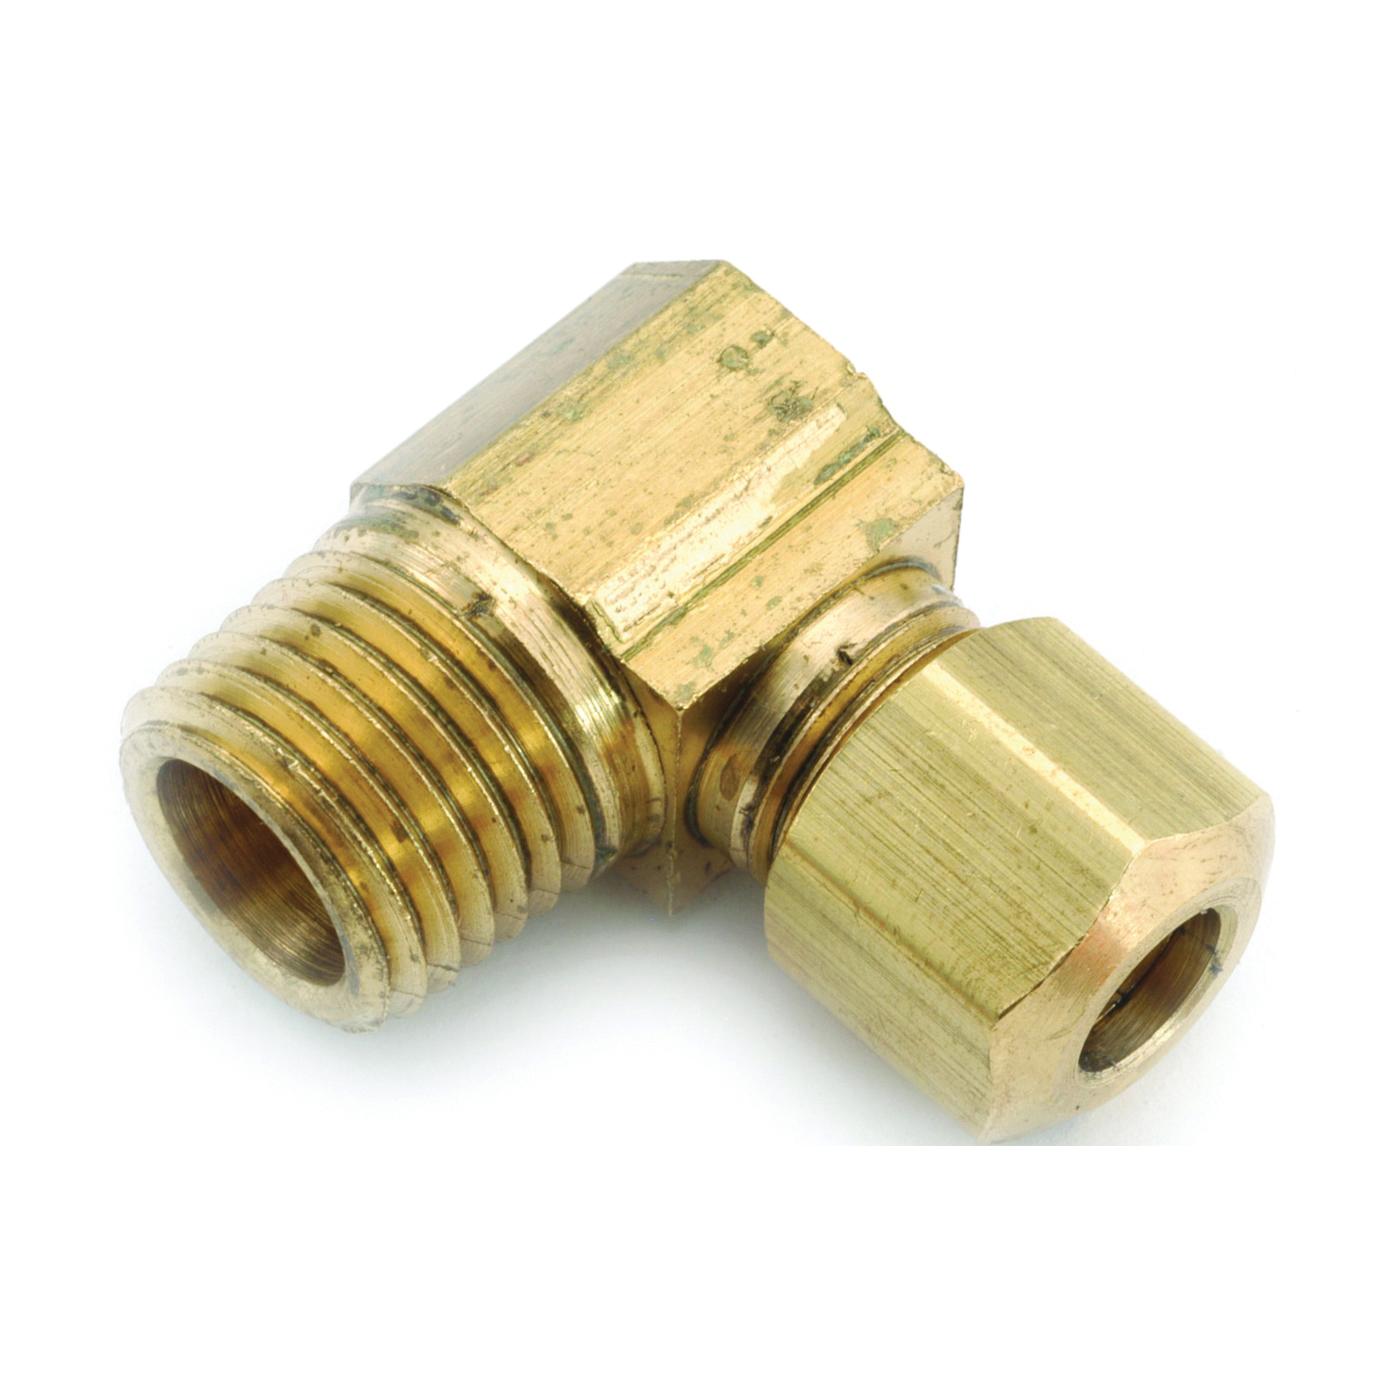 Anderson Metals 750069-1008